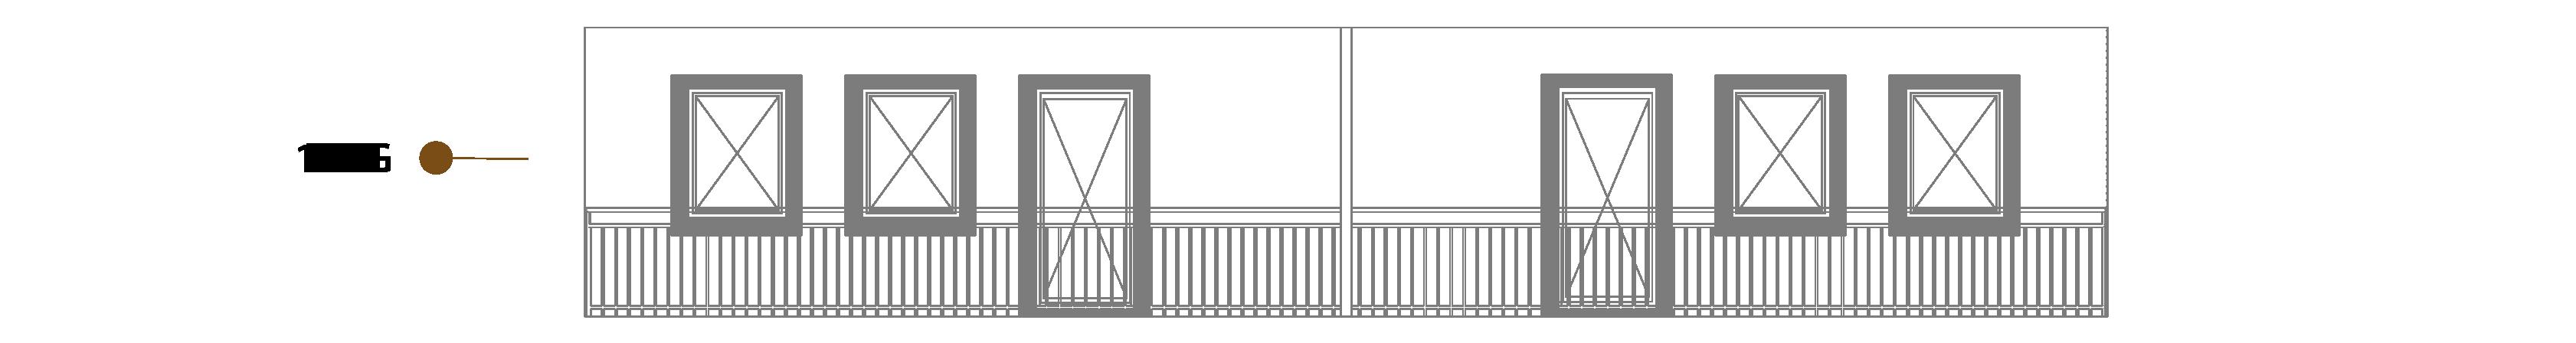 Poschodie 1